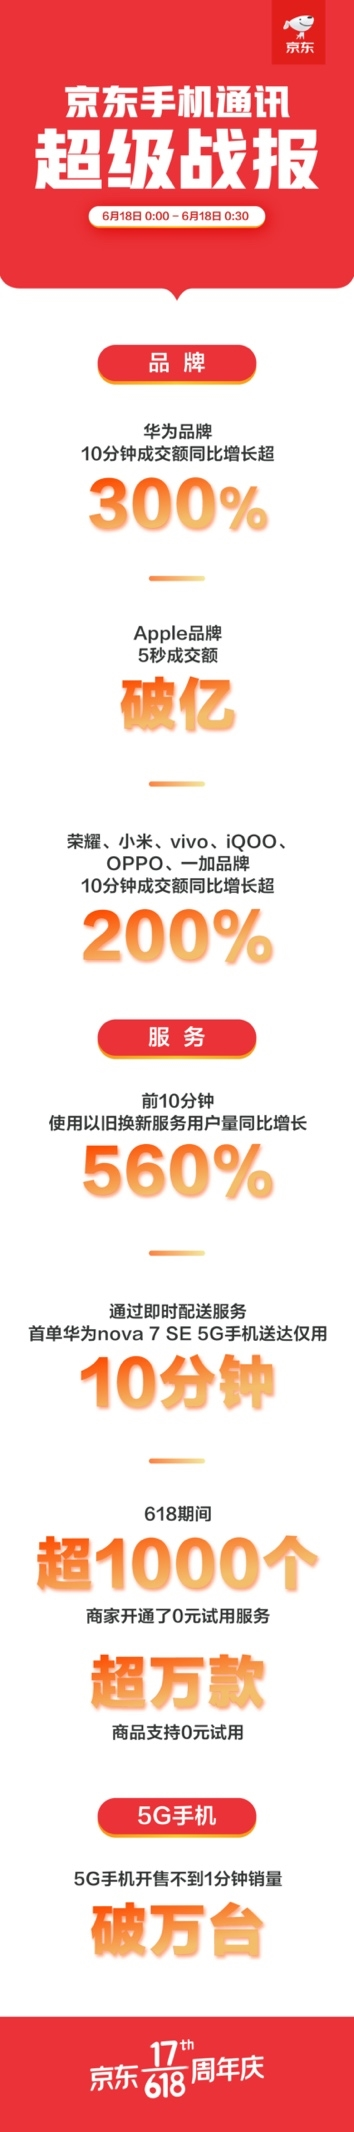 京东618首个战报出炉:华为10分钟成交额增长超300%!Apple5秒破亿